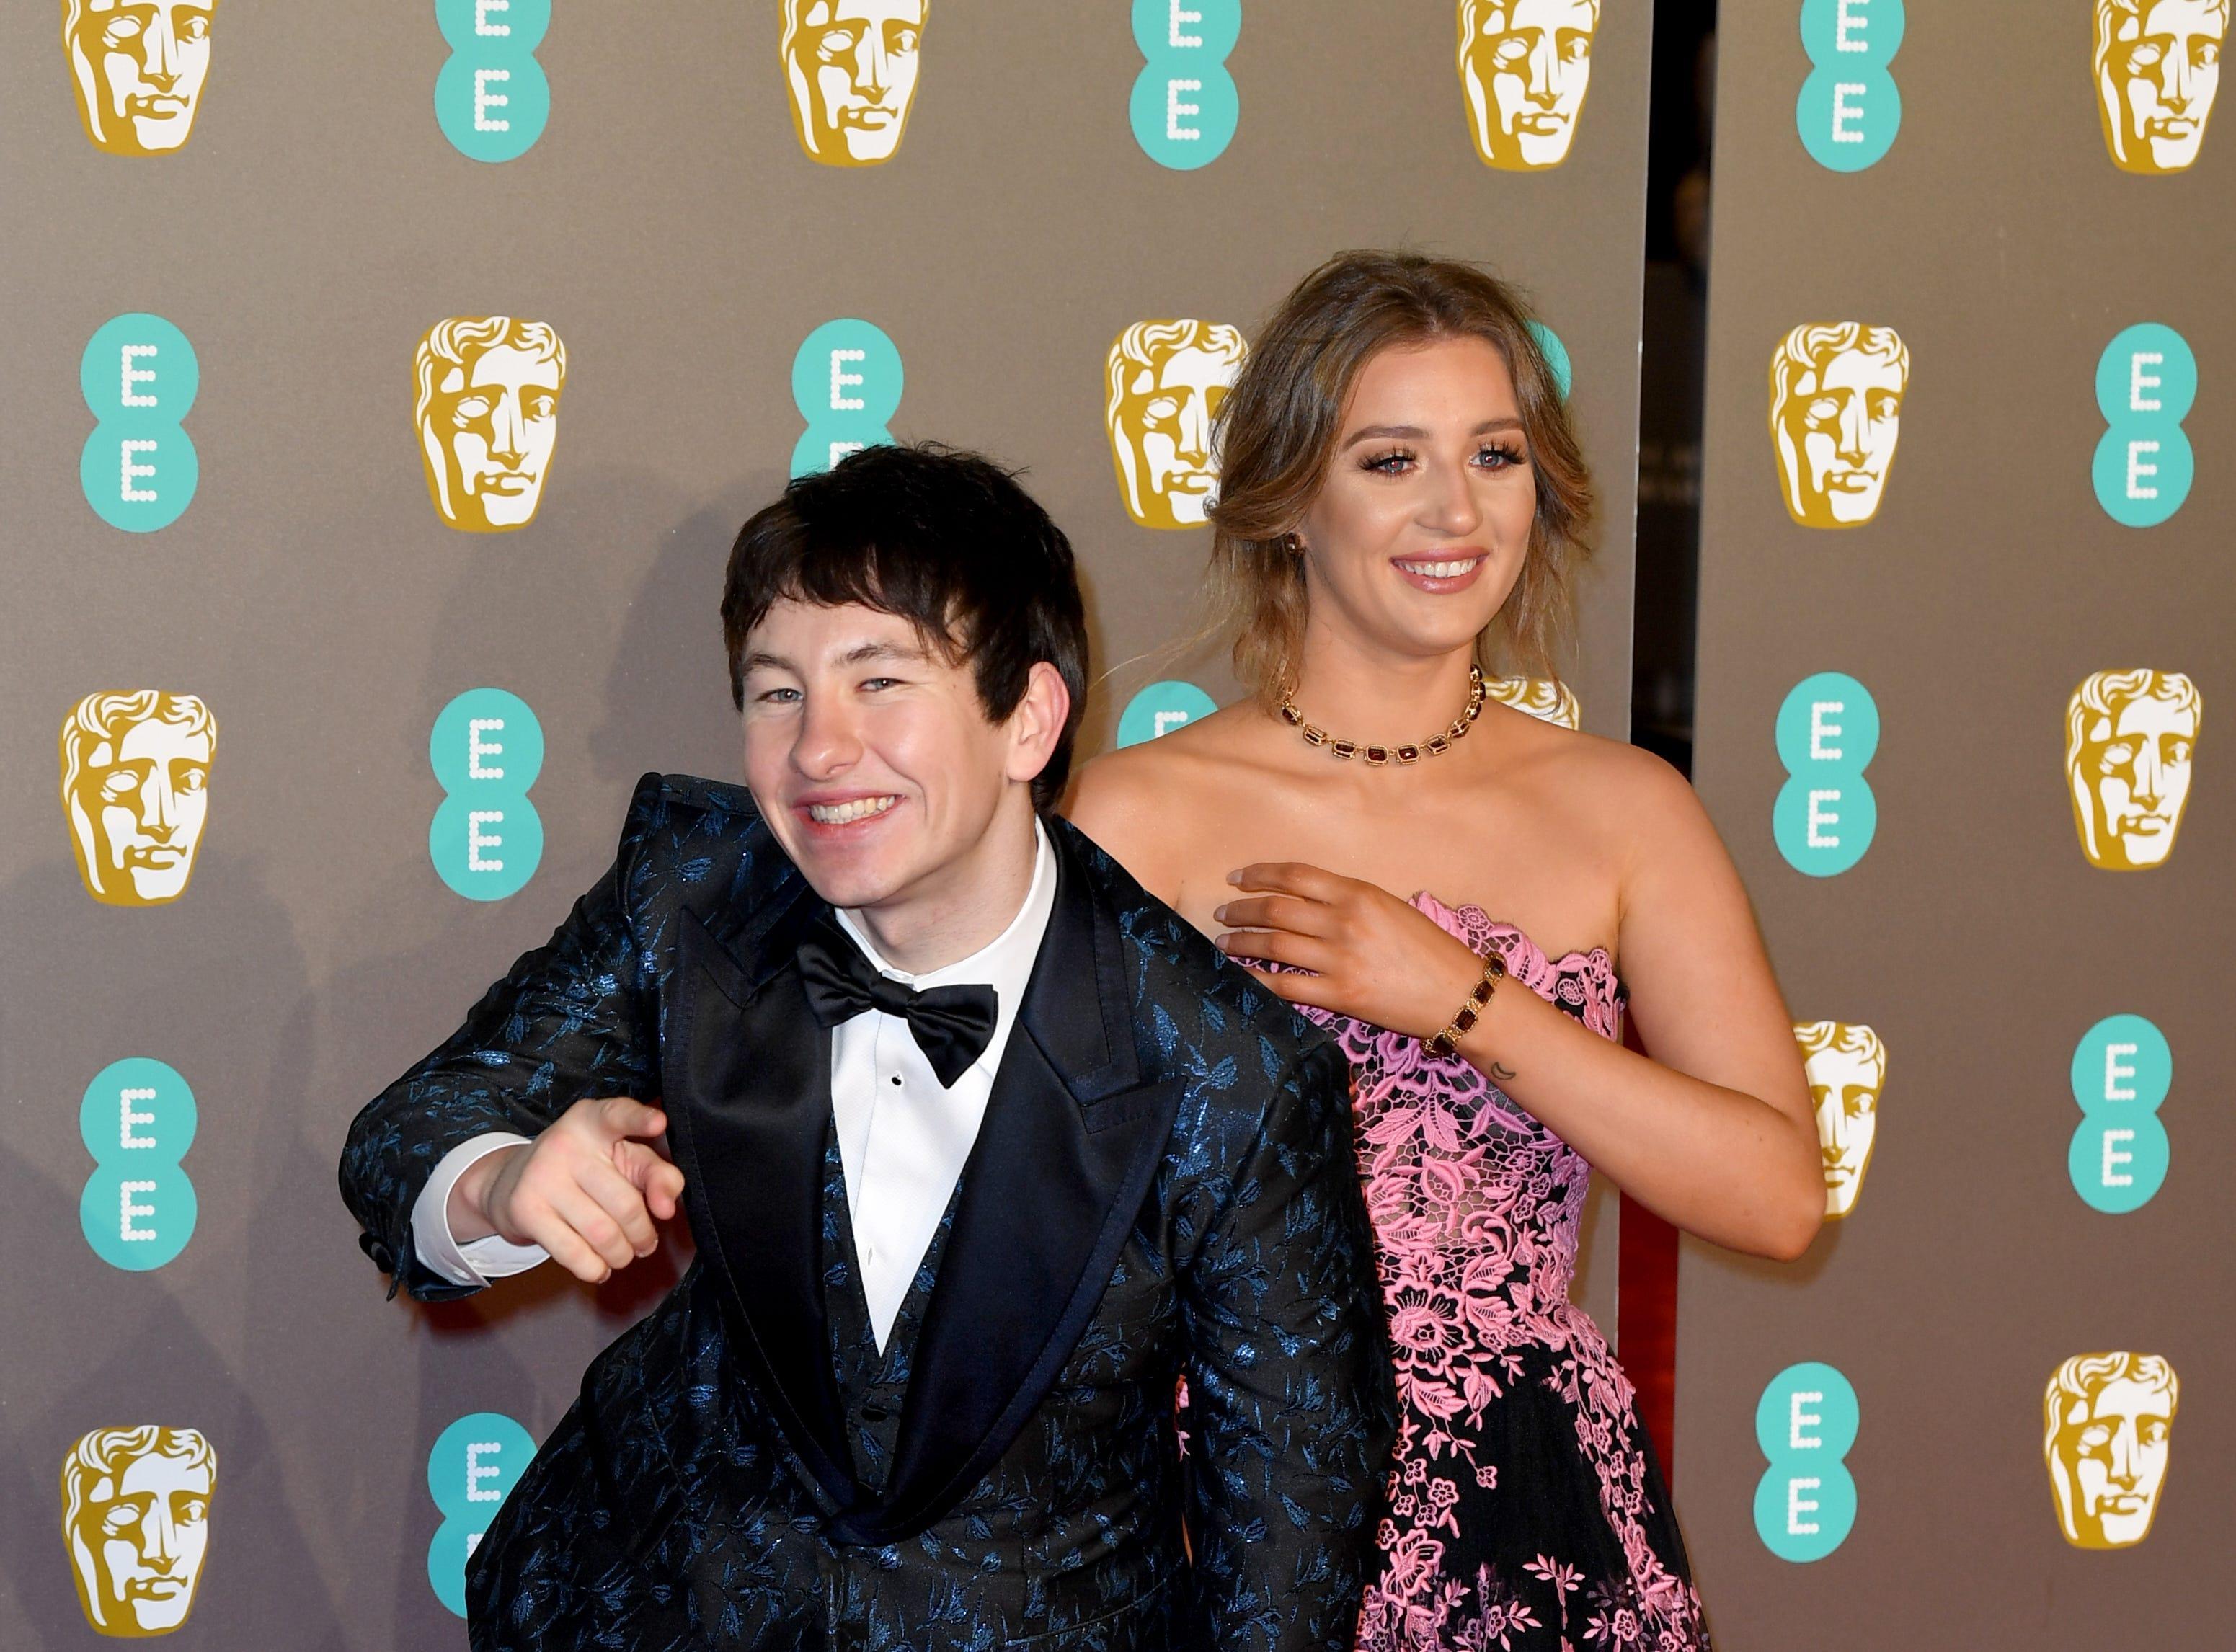 Barry Keoghan (izq) a su llegada a la alfombra roja de los Premios de la Academia Británica de Cine BAFTA en el Royal Albert Hall en Londres el 10 de febrero de 2019.